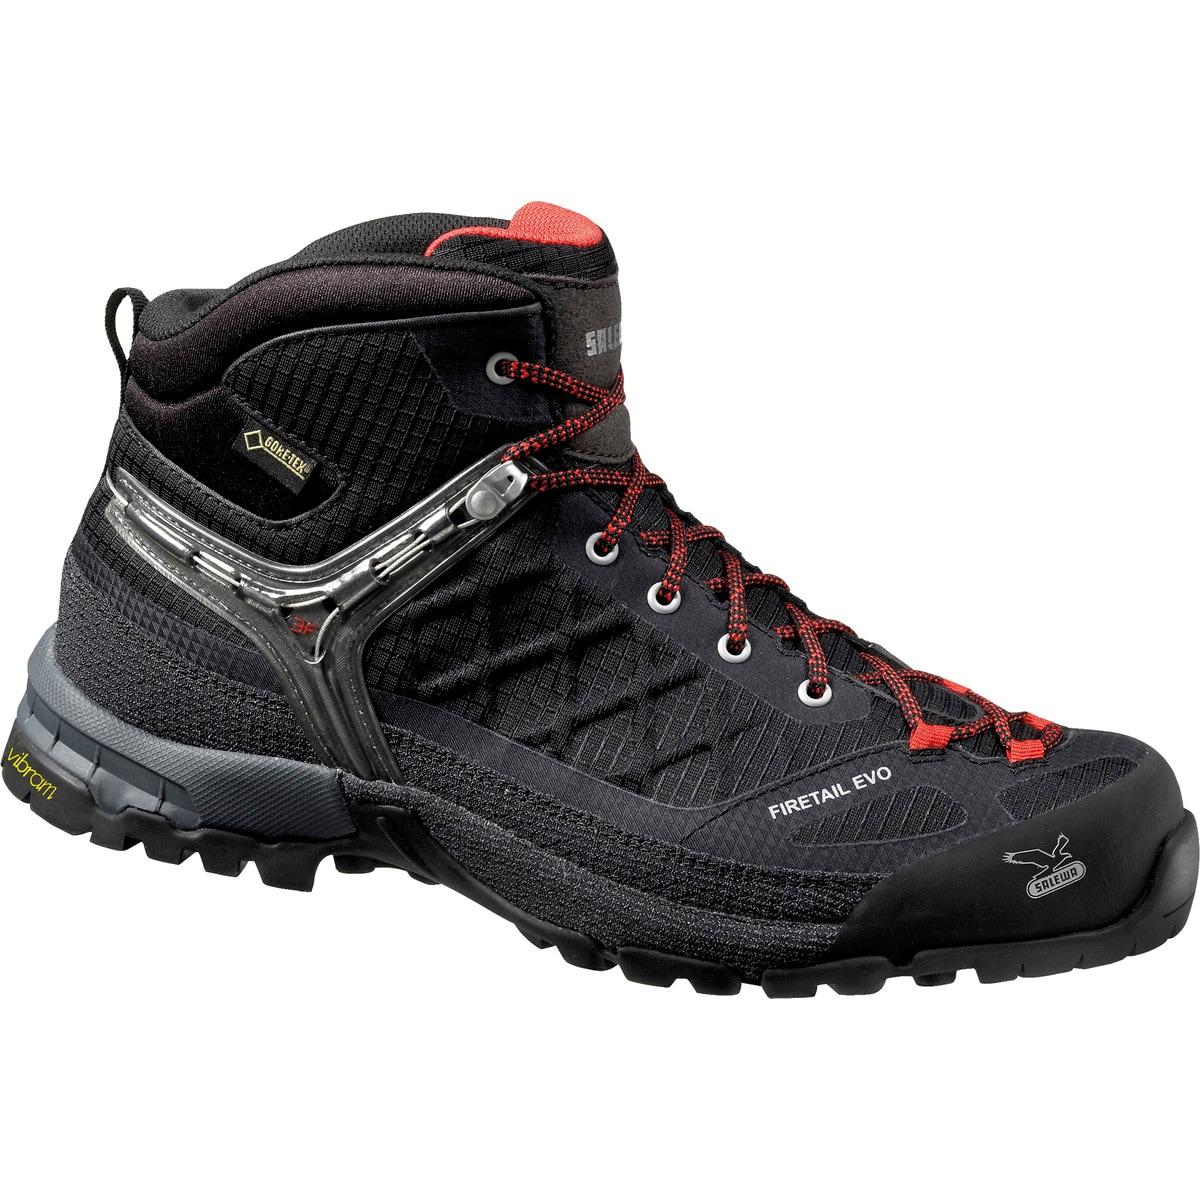 Salewa Firetail EVO Mid GTX Hiking Boot - Men's